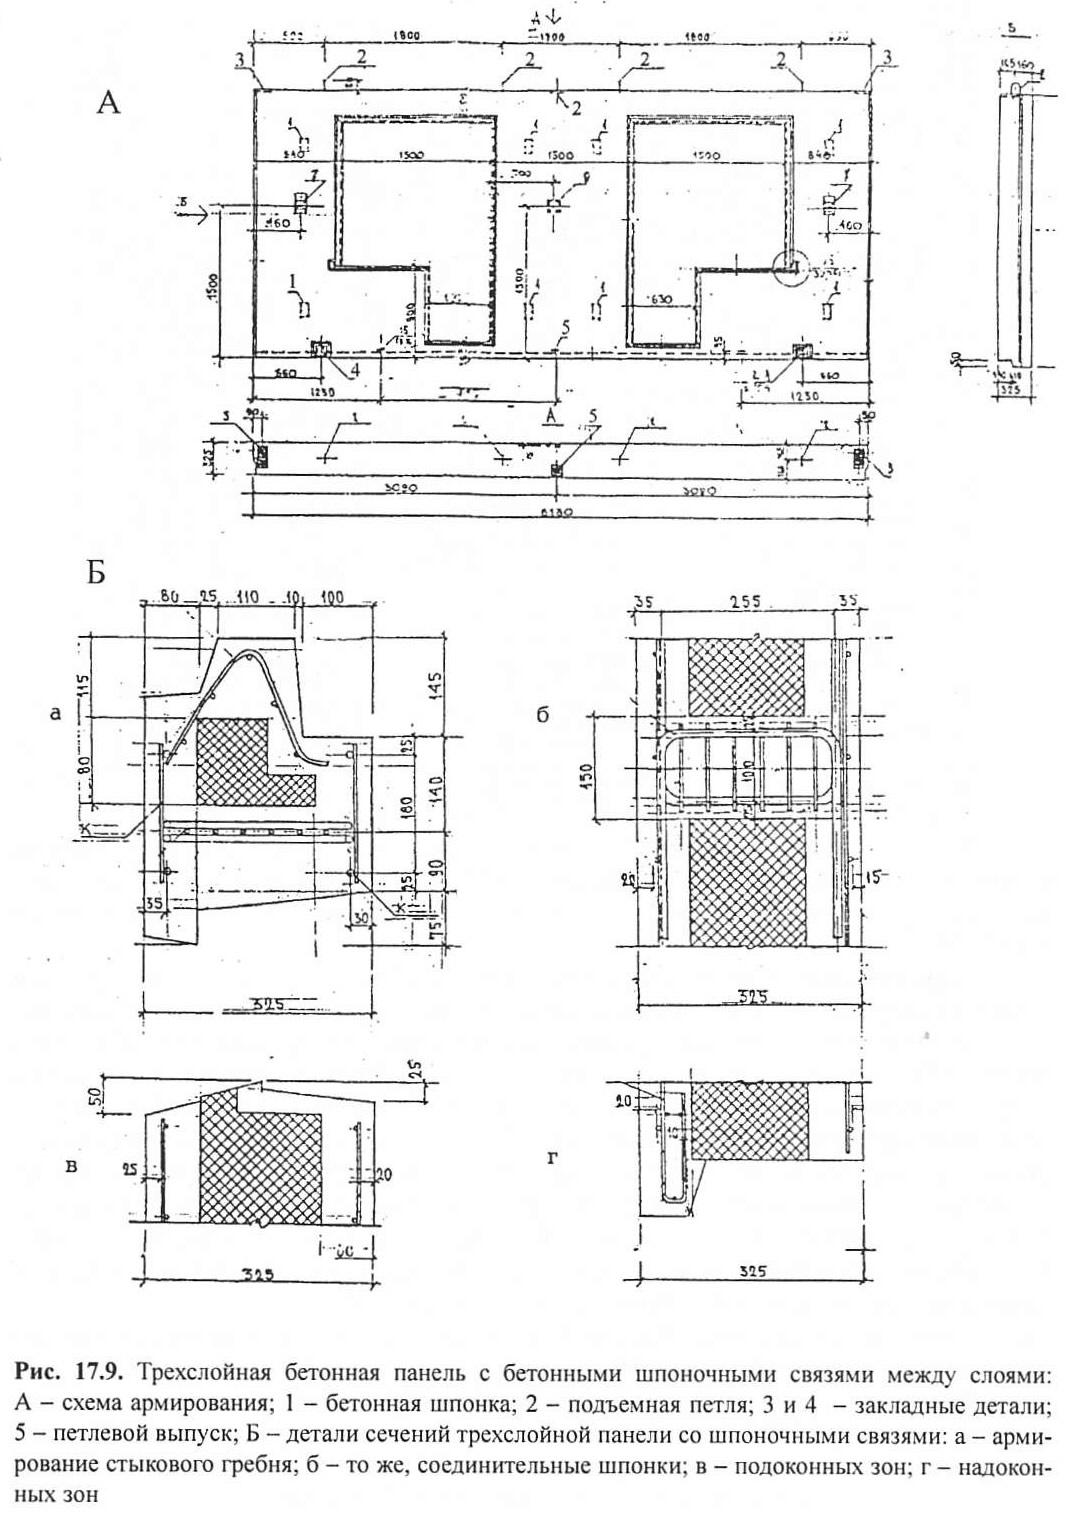 Рис. 17.9. Трехслойная бетонная панель с бетонными шпоночными связями